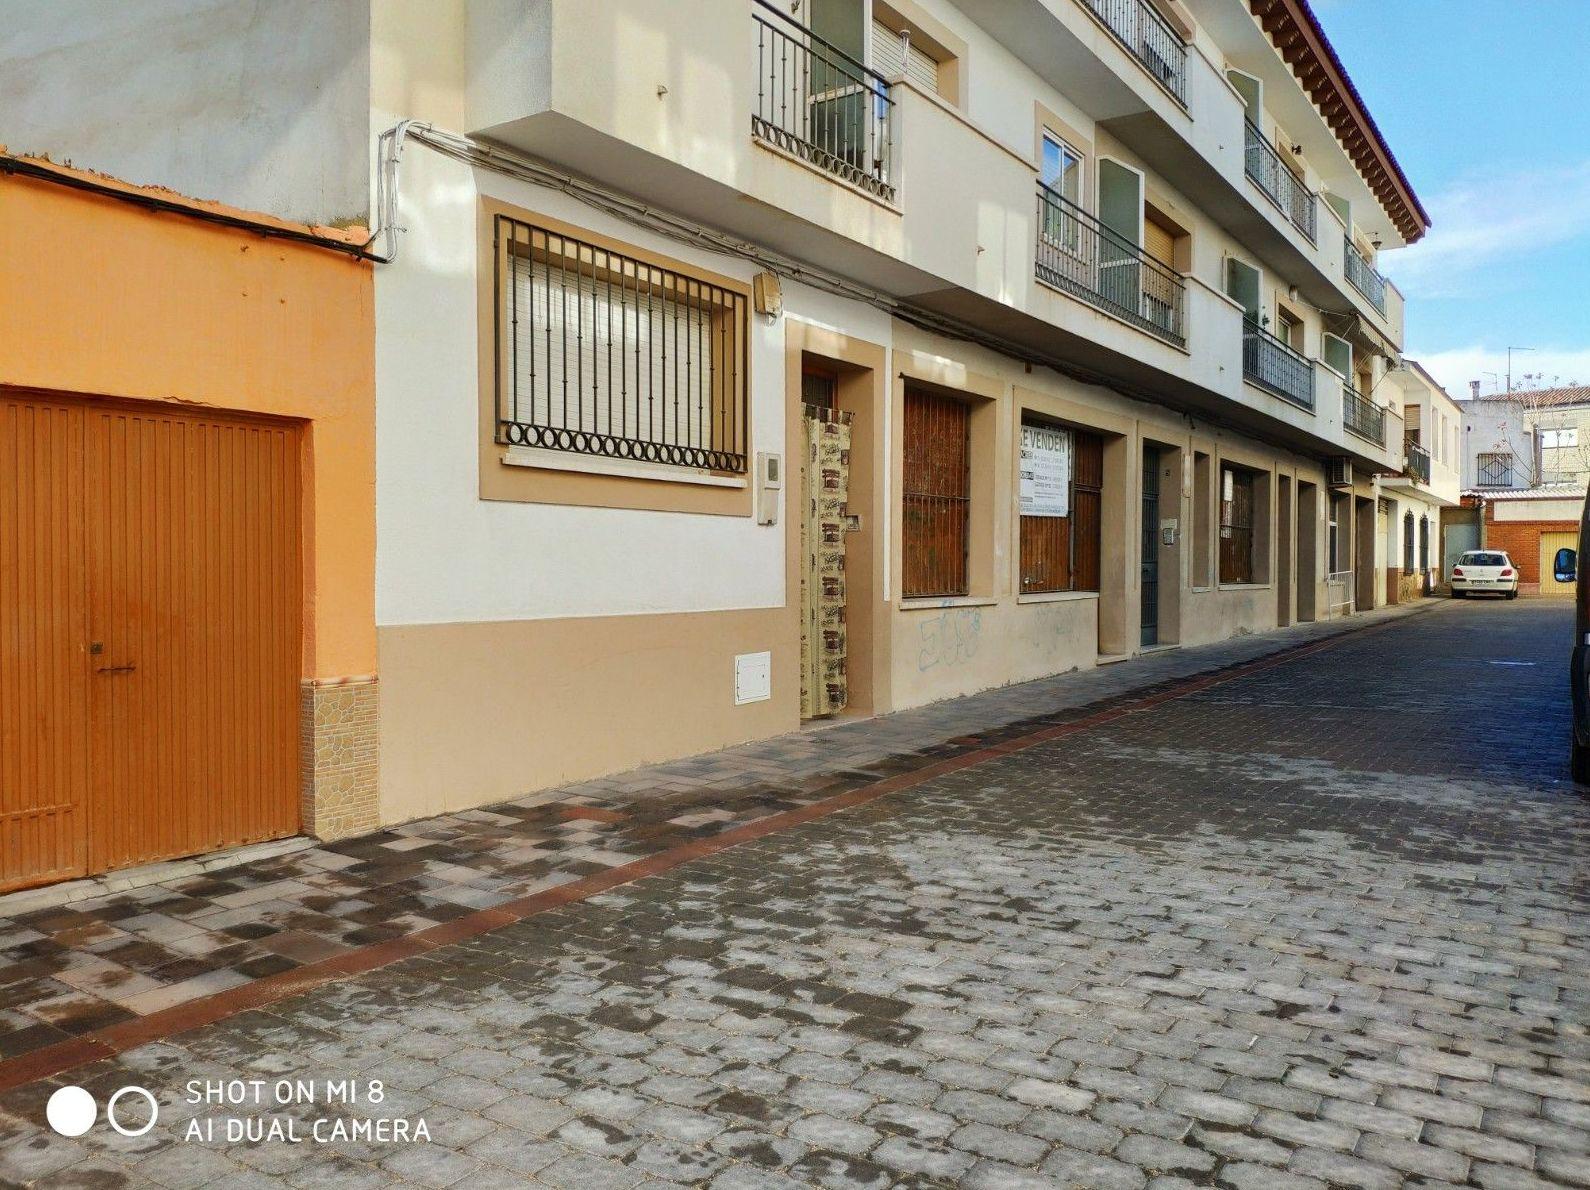 Venta o alquiler con opción a compra de duplex: Inmuebles Urbanos de ANTONIO ARAGONÉS DÍAZ PAVÓN